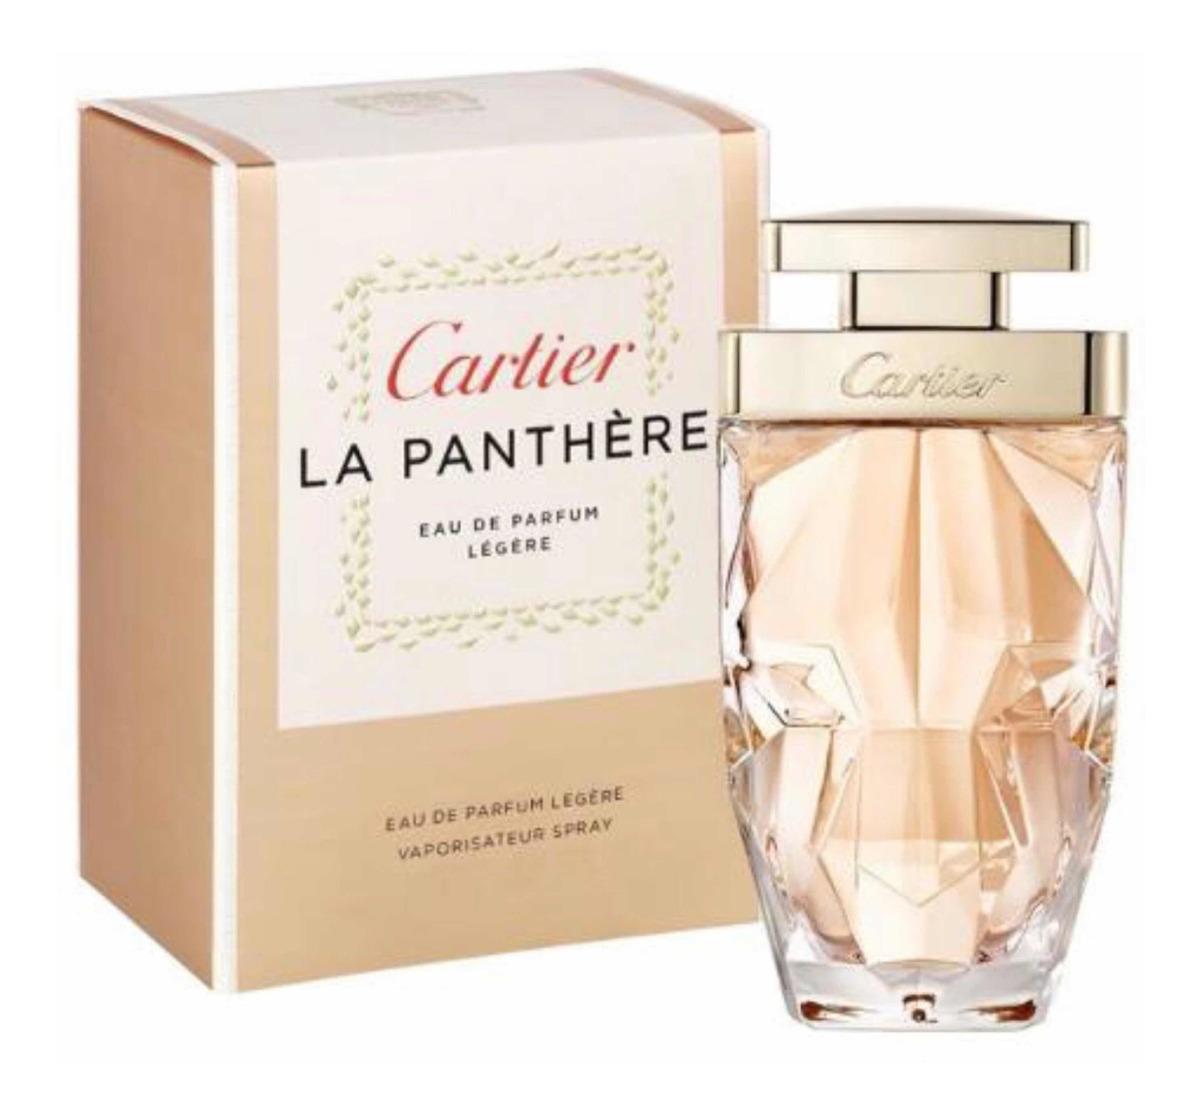 Parfum 100ml Eau De Panthère Cartier La Légère wmnN80